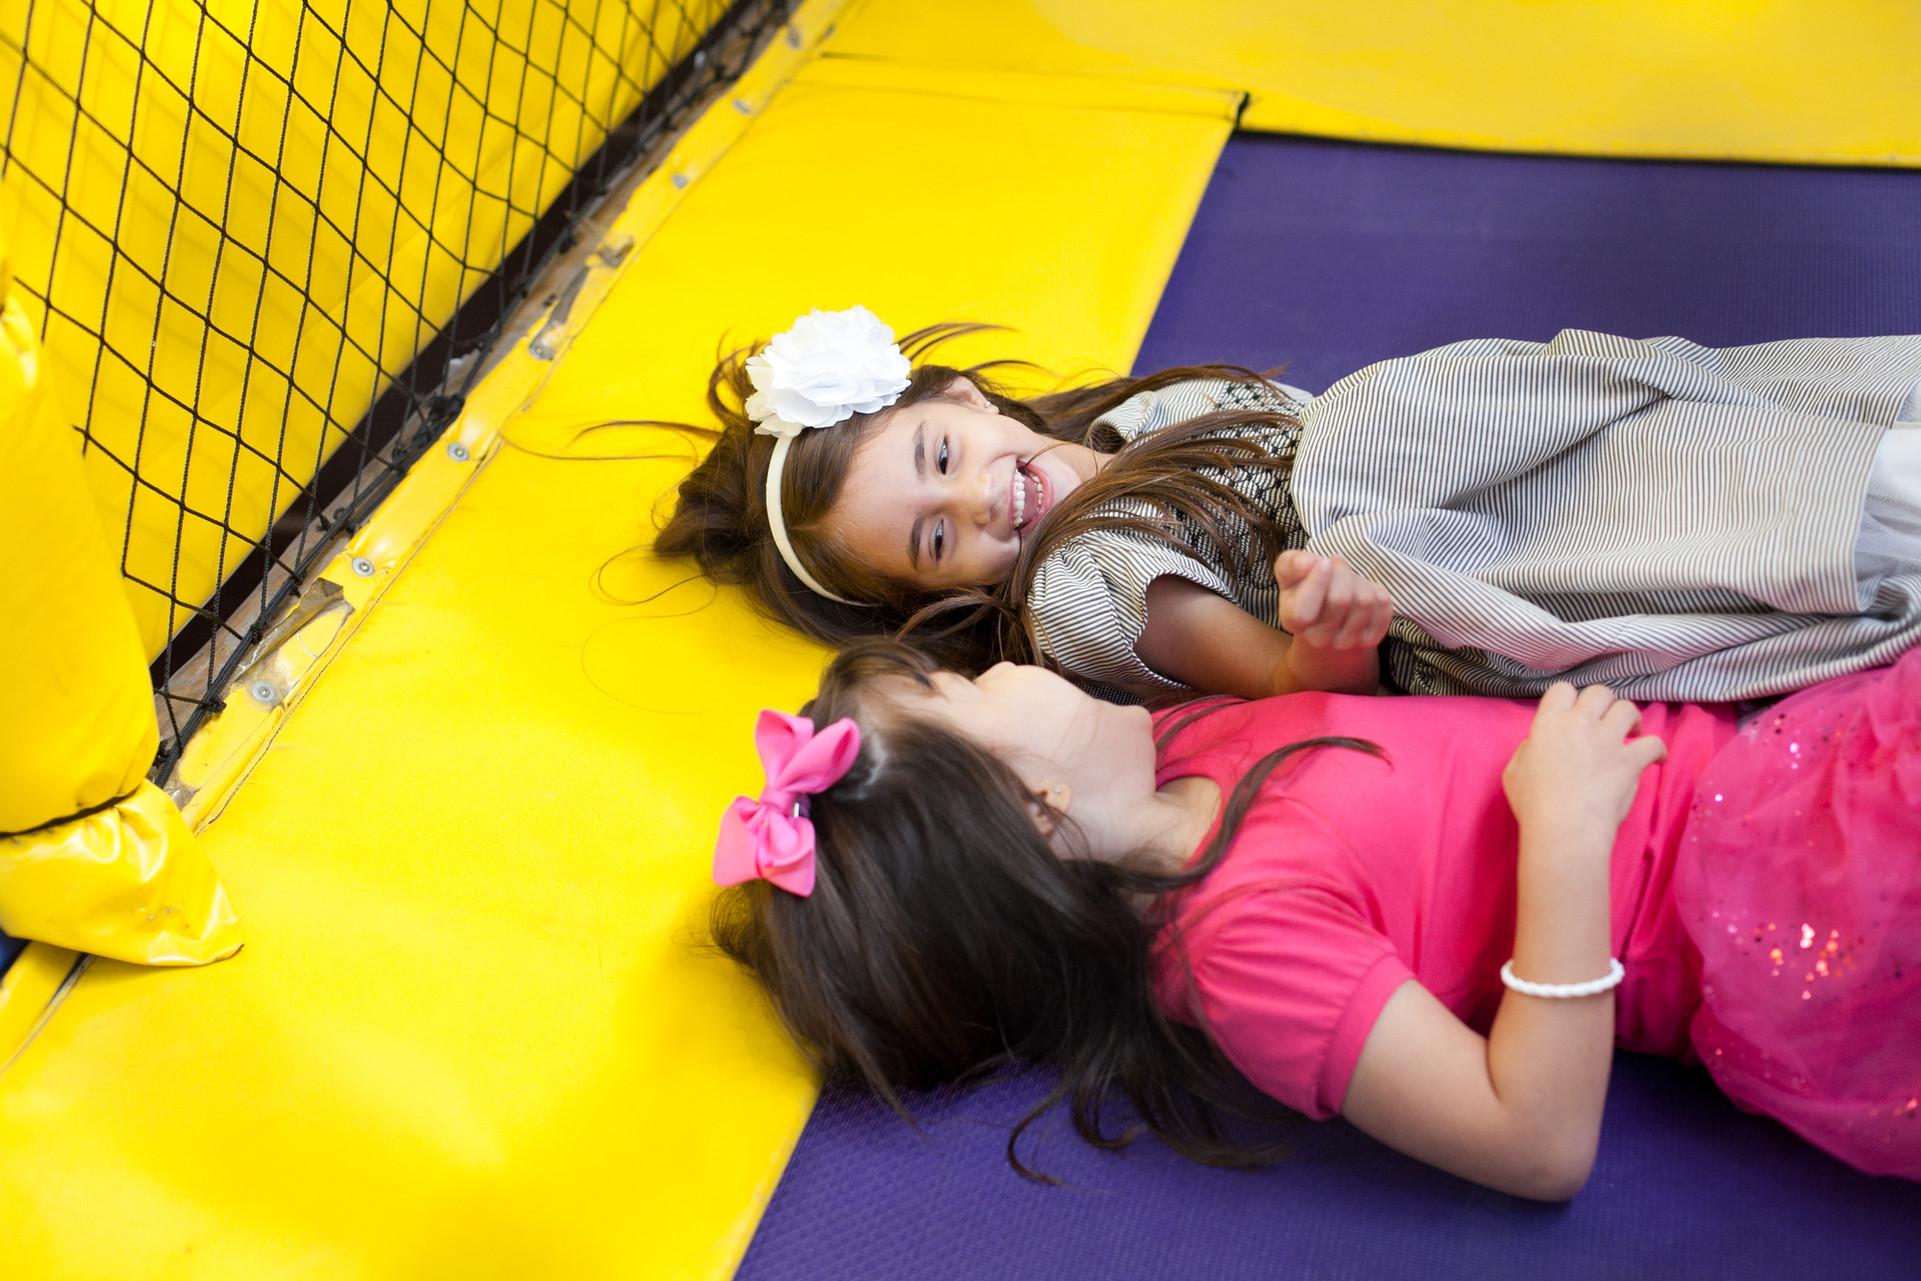 Fotos Fotografia festa de aniversário infantil são paulo sp pula pula menina